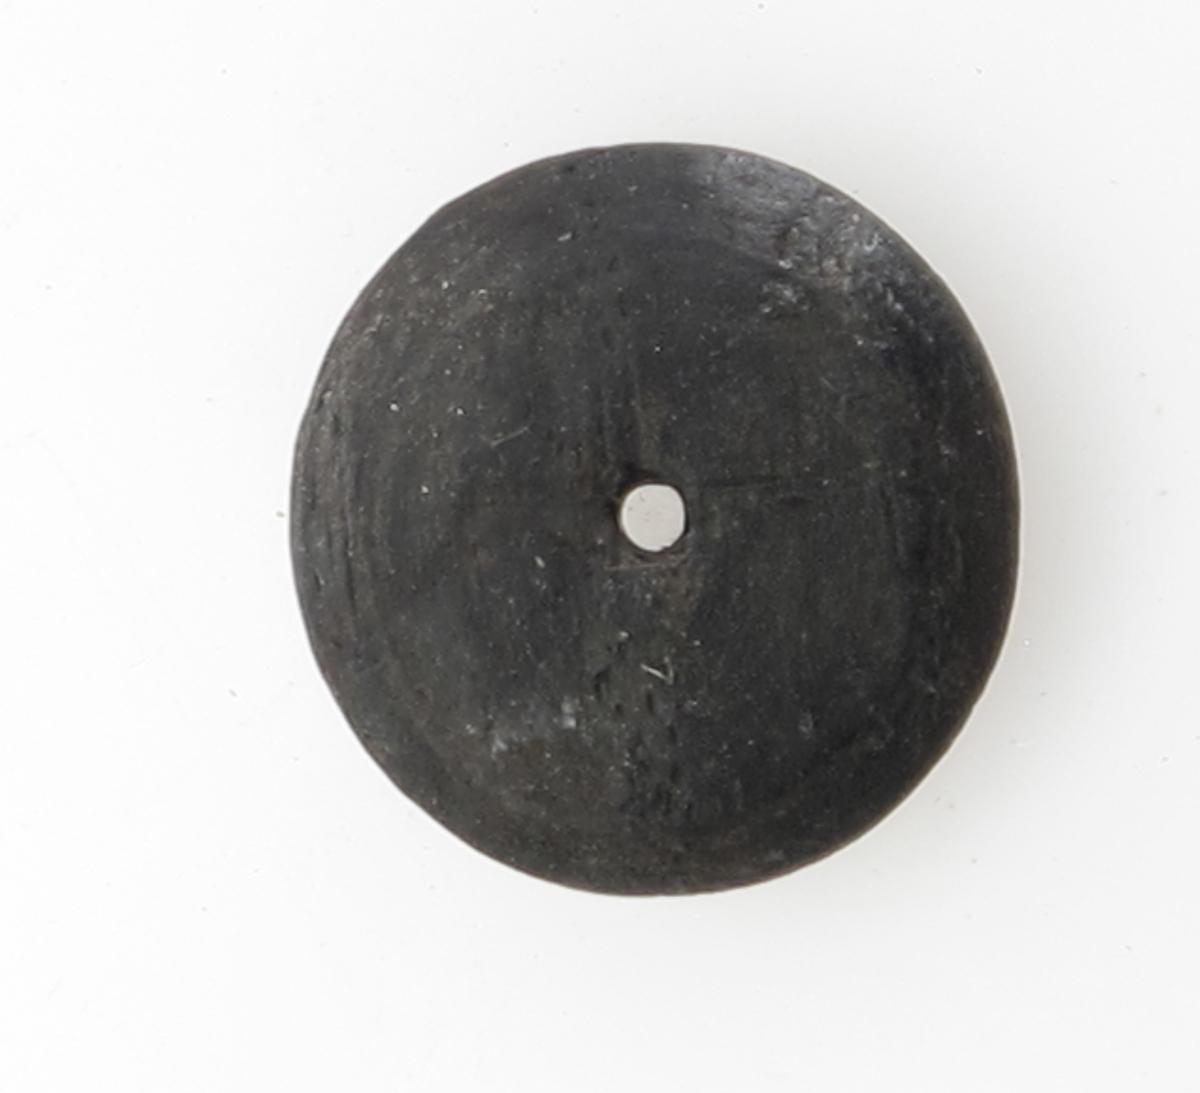 """Knapper, 6 stk.  """"Fredensborg."""" 1768.     Tre.    a-b). Diam. 2,3 Svakt hvelvede, med ett hull.   e-d) Mindre, mer hvelvet, med ett hull. Diam. l. 9.    e-f) En inntørket trerest av samme type som c d anta gelig, flat. Diam. 2. og 1,8."""